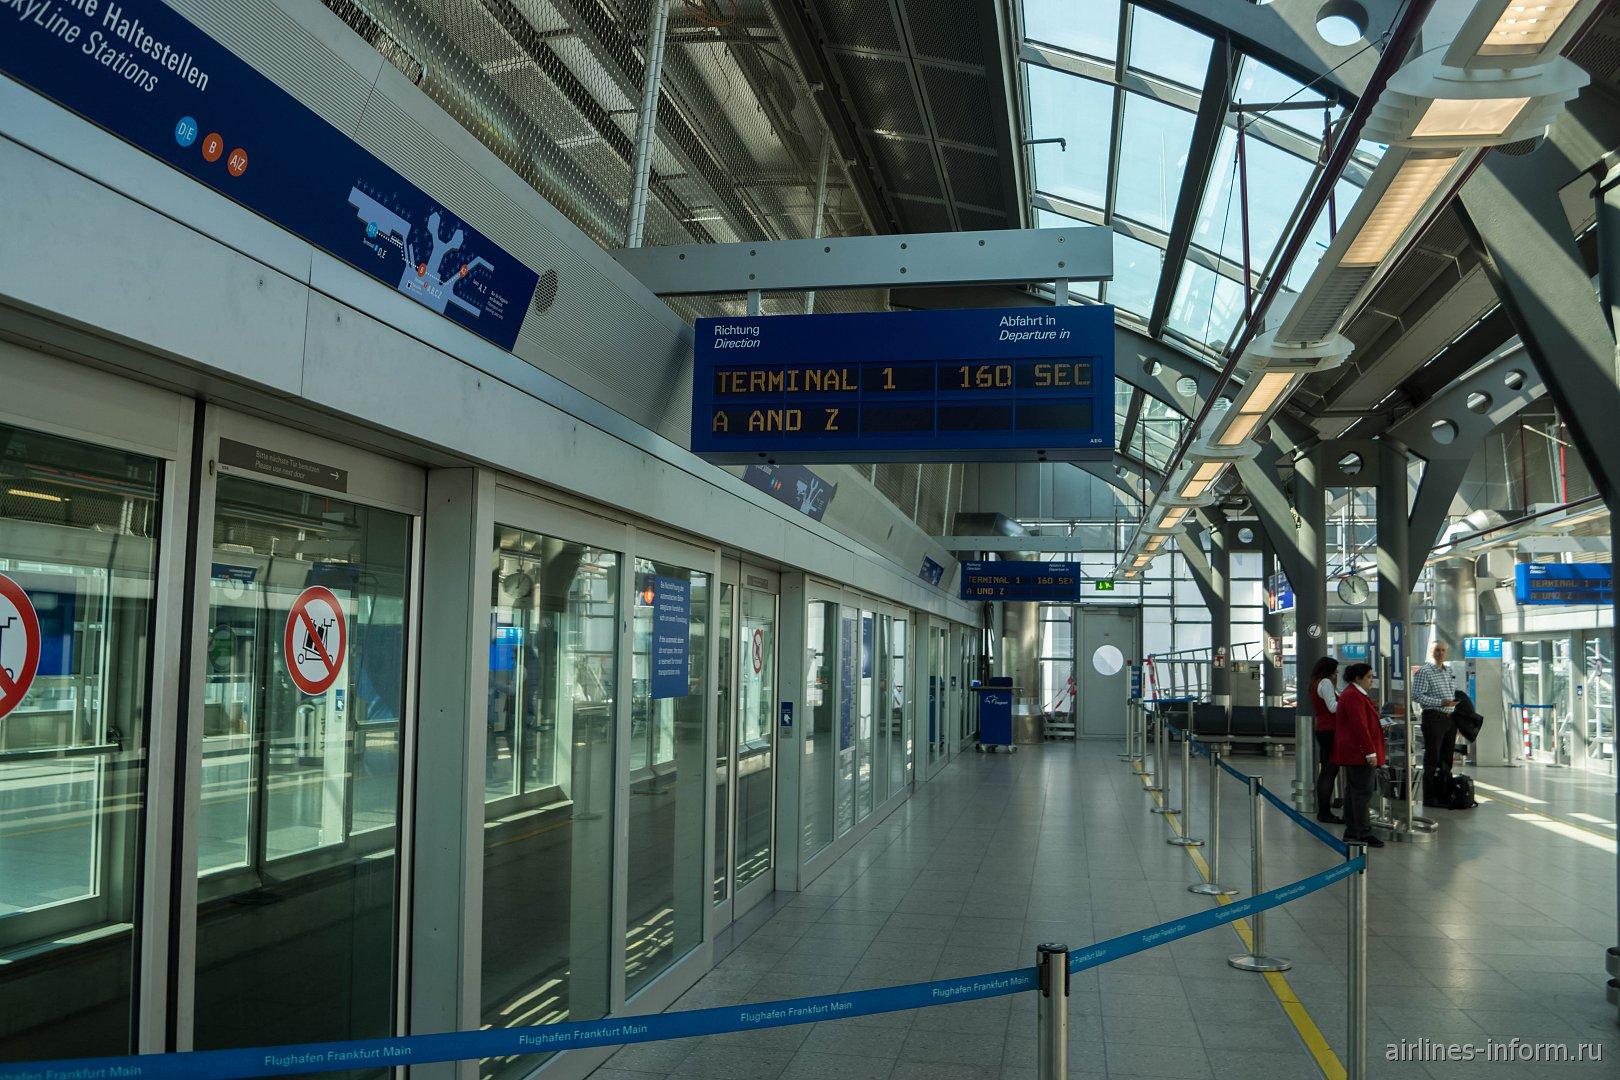 Станция поезда Skyline в терминале 1 аэропорта Франкфурт